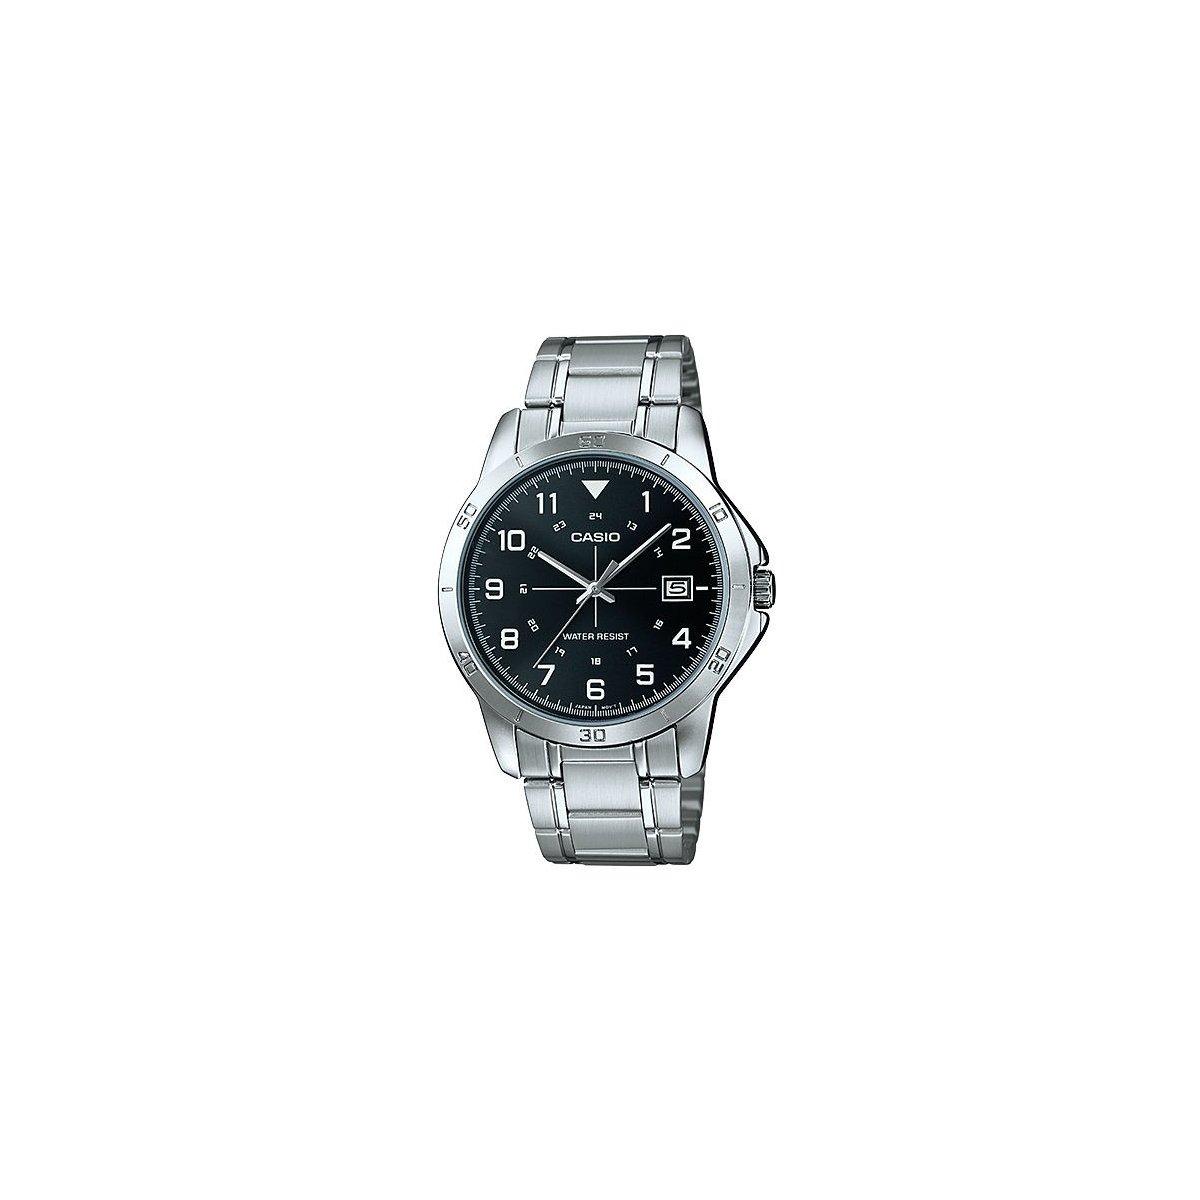 6e66916ce72 Relógio Casio Mtp-V008D-1Budf - Compre Agora